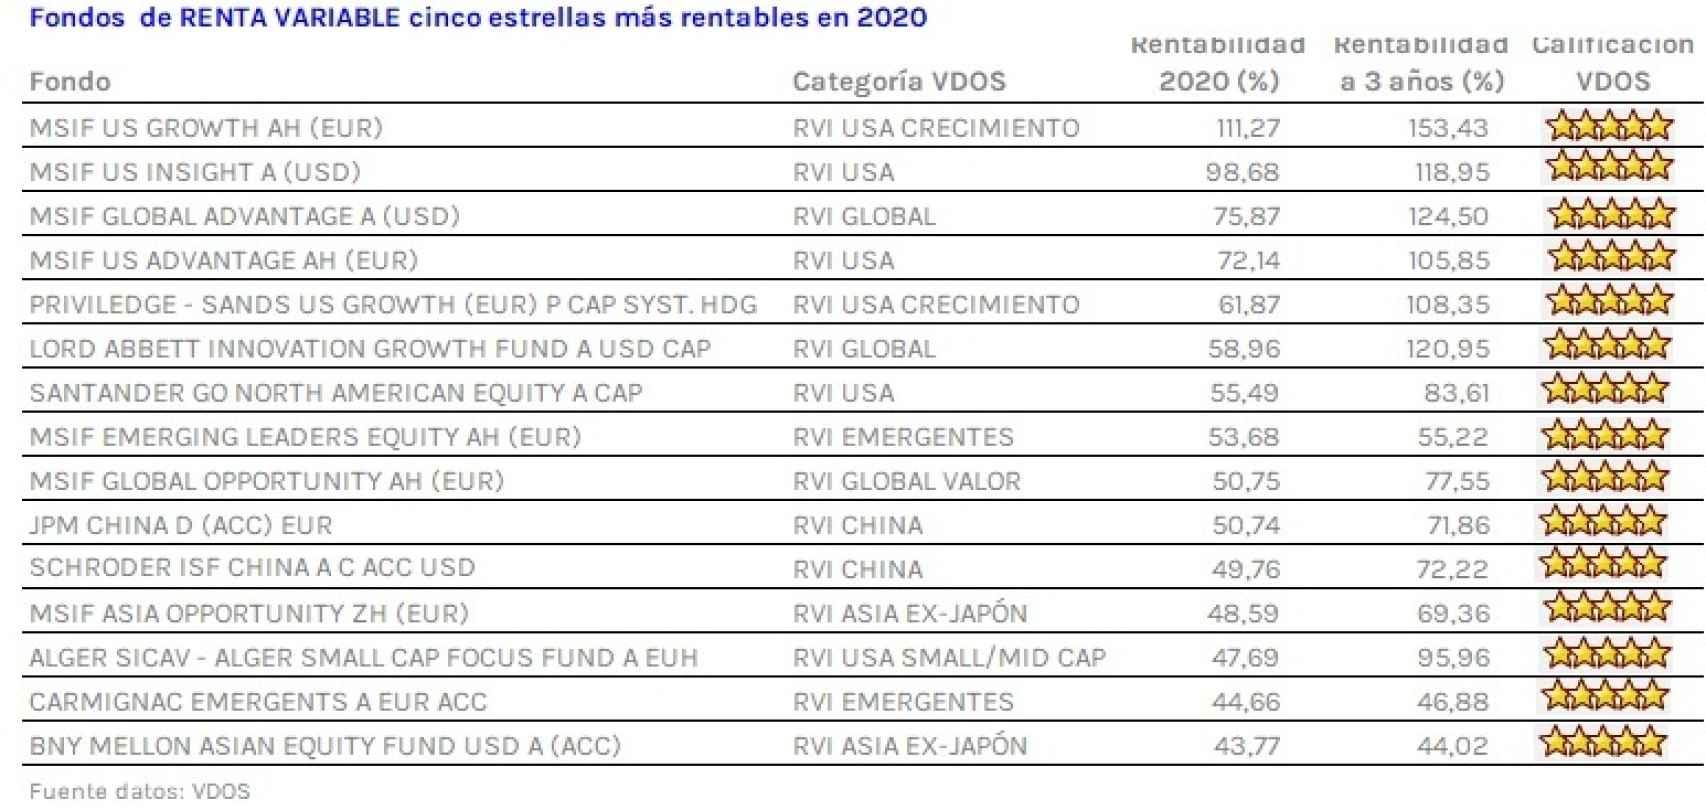 Los fondos de inversión en bolsa más rentables de 2020.